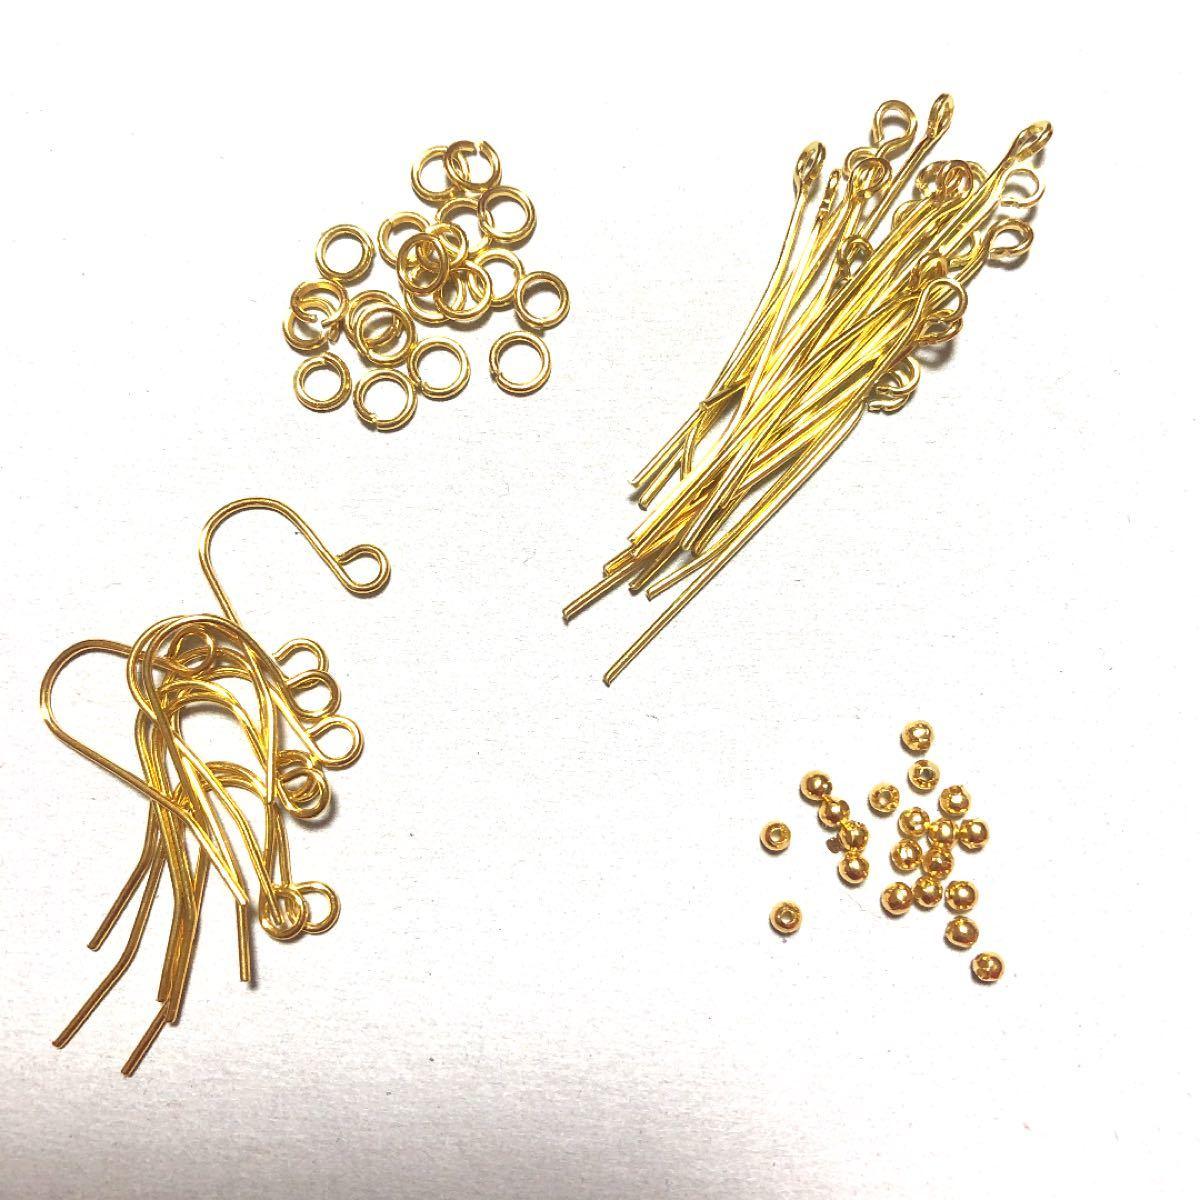 ハンドメイド 基礎パーツセット 初心者向け 素材 材料 ゴールドカラー アクセサリー アクセサリーパーツ